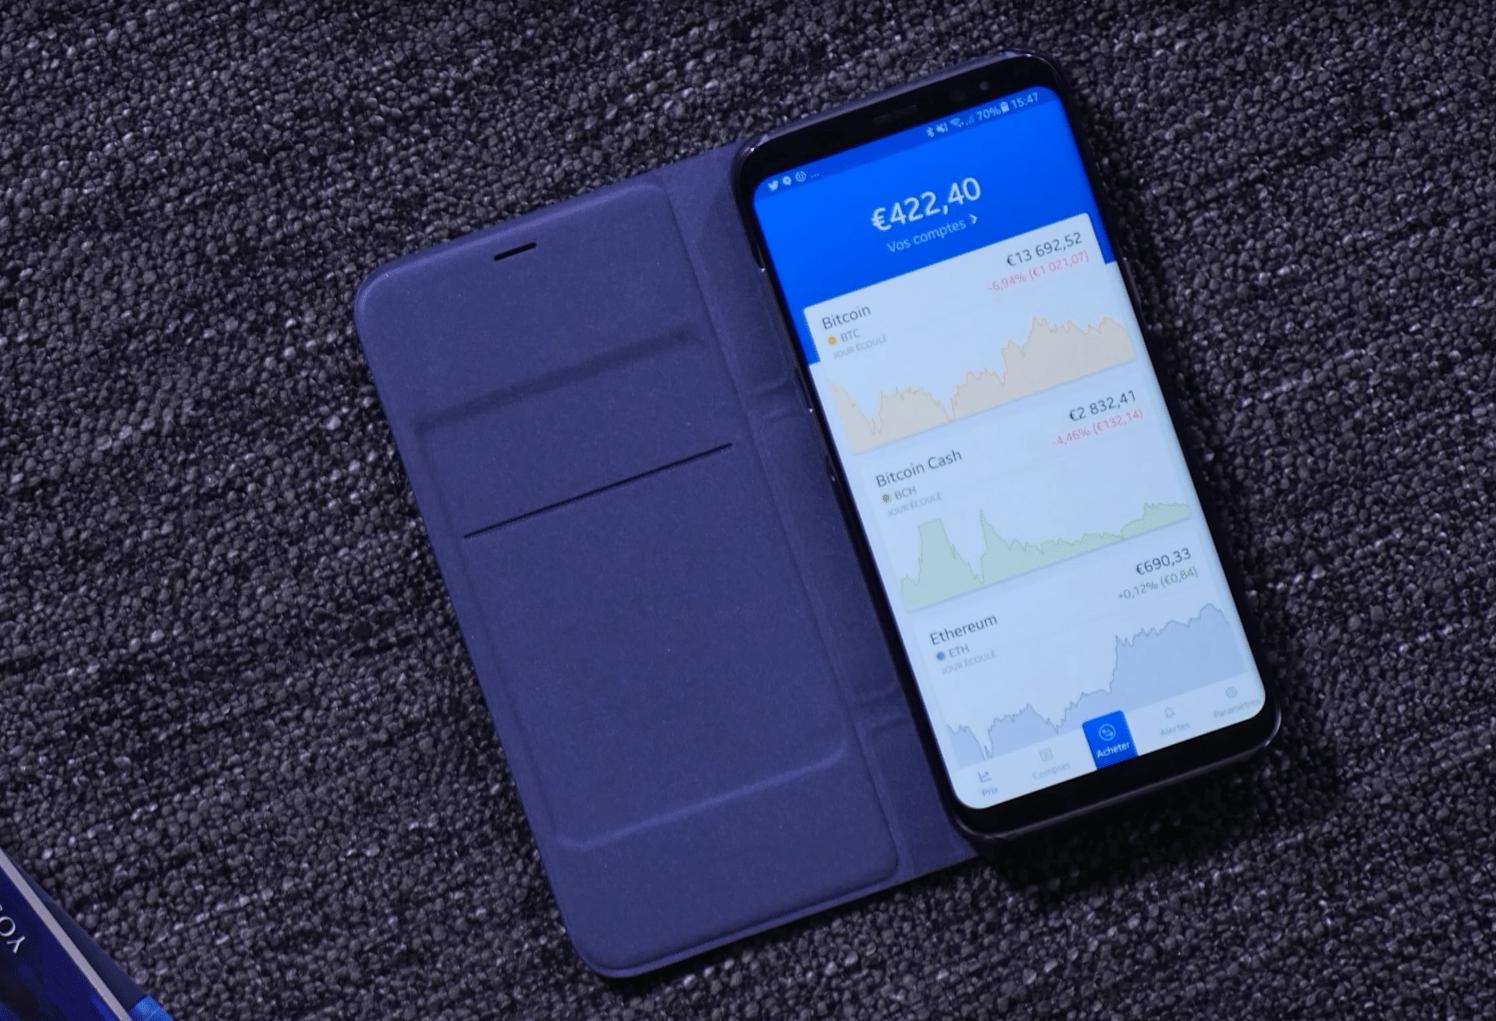 Vidéo : 7 apps Android et iPhone pour les amateurs du bitcoin et des cryptomonnaies